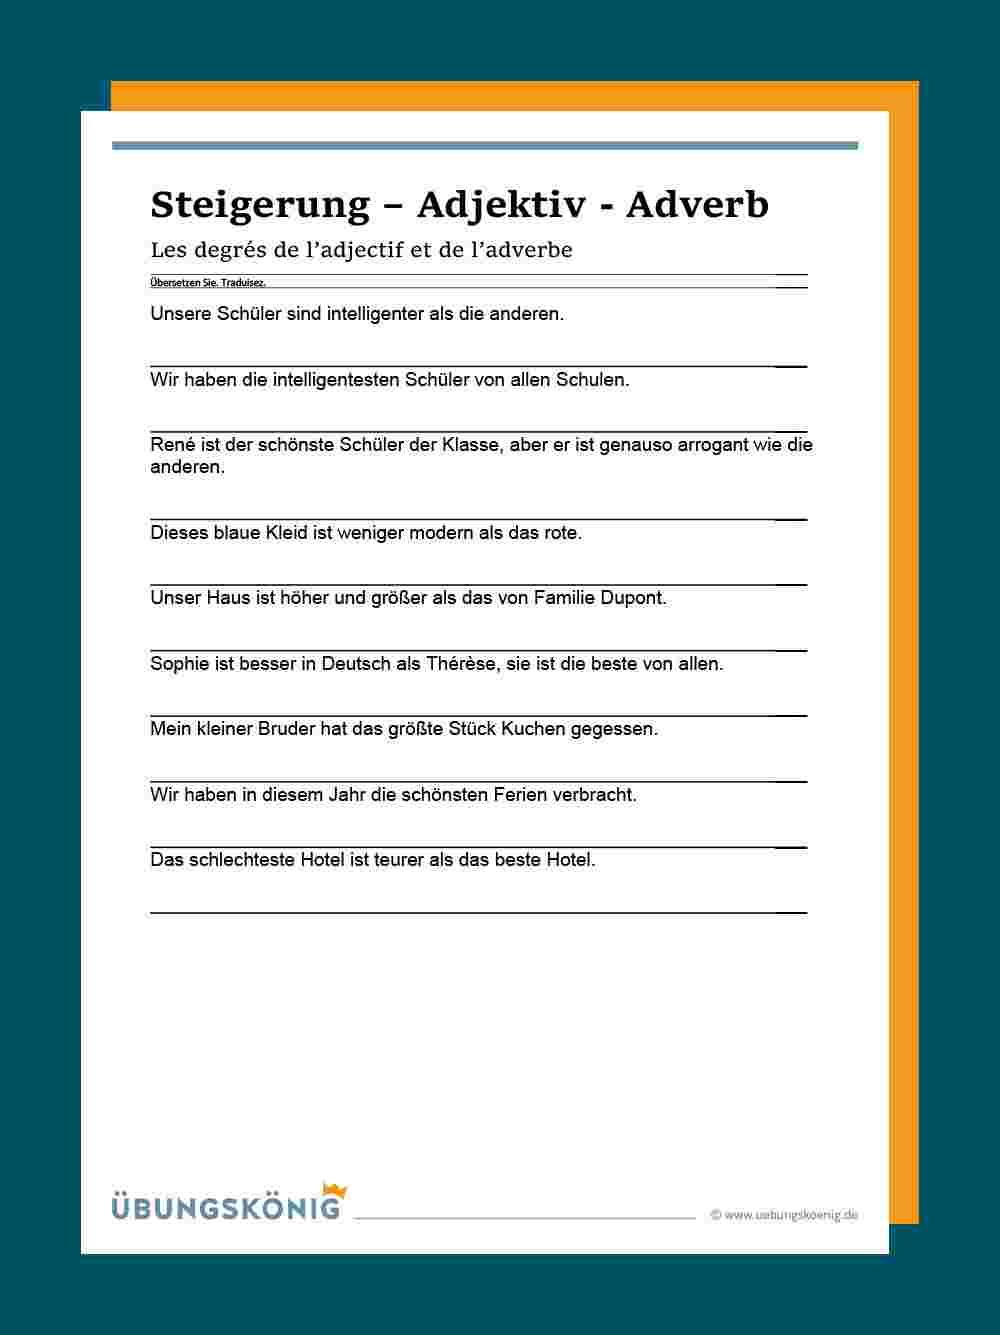 Steigerung Adjektive und Adverben